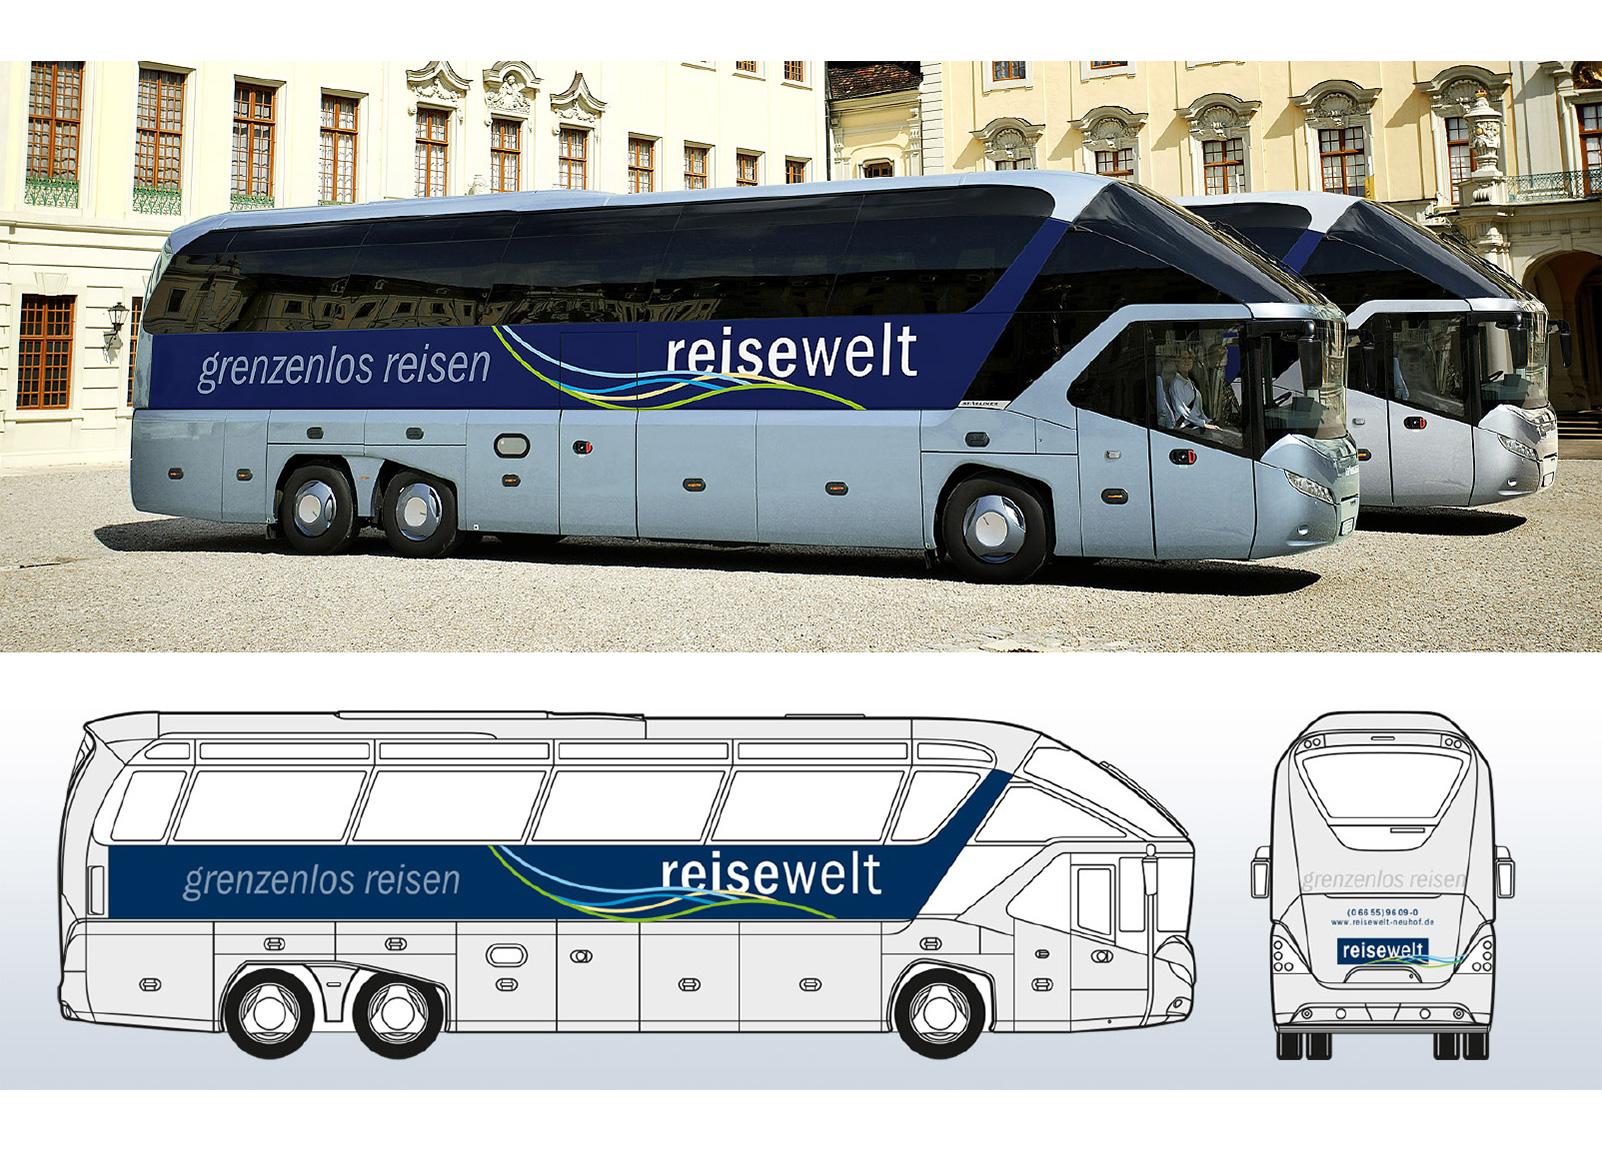 Reisewelt Teiser & Hüter